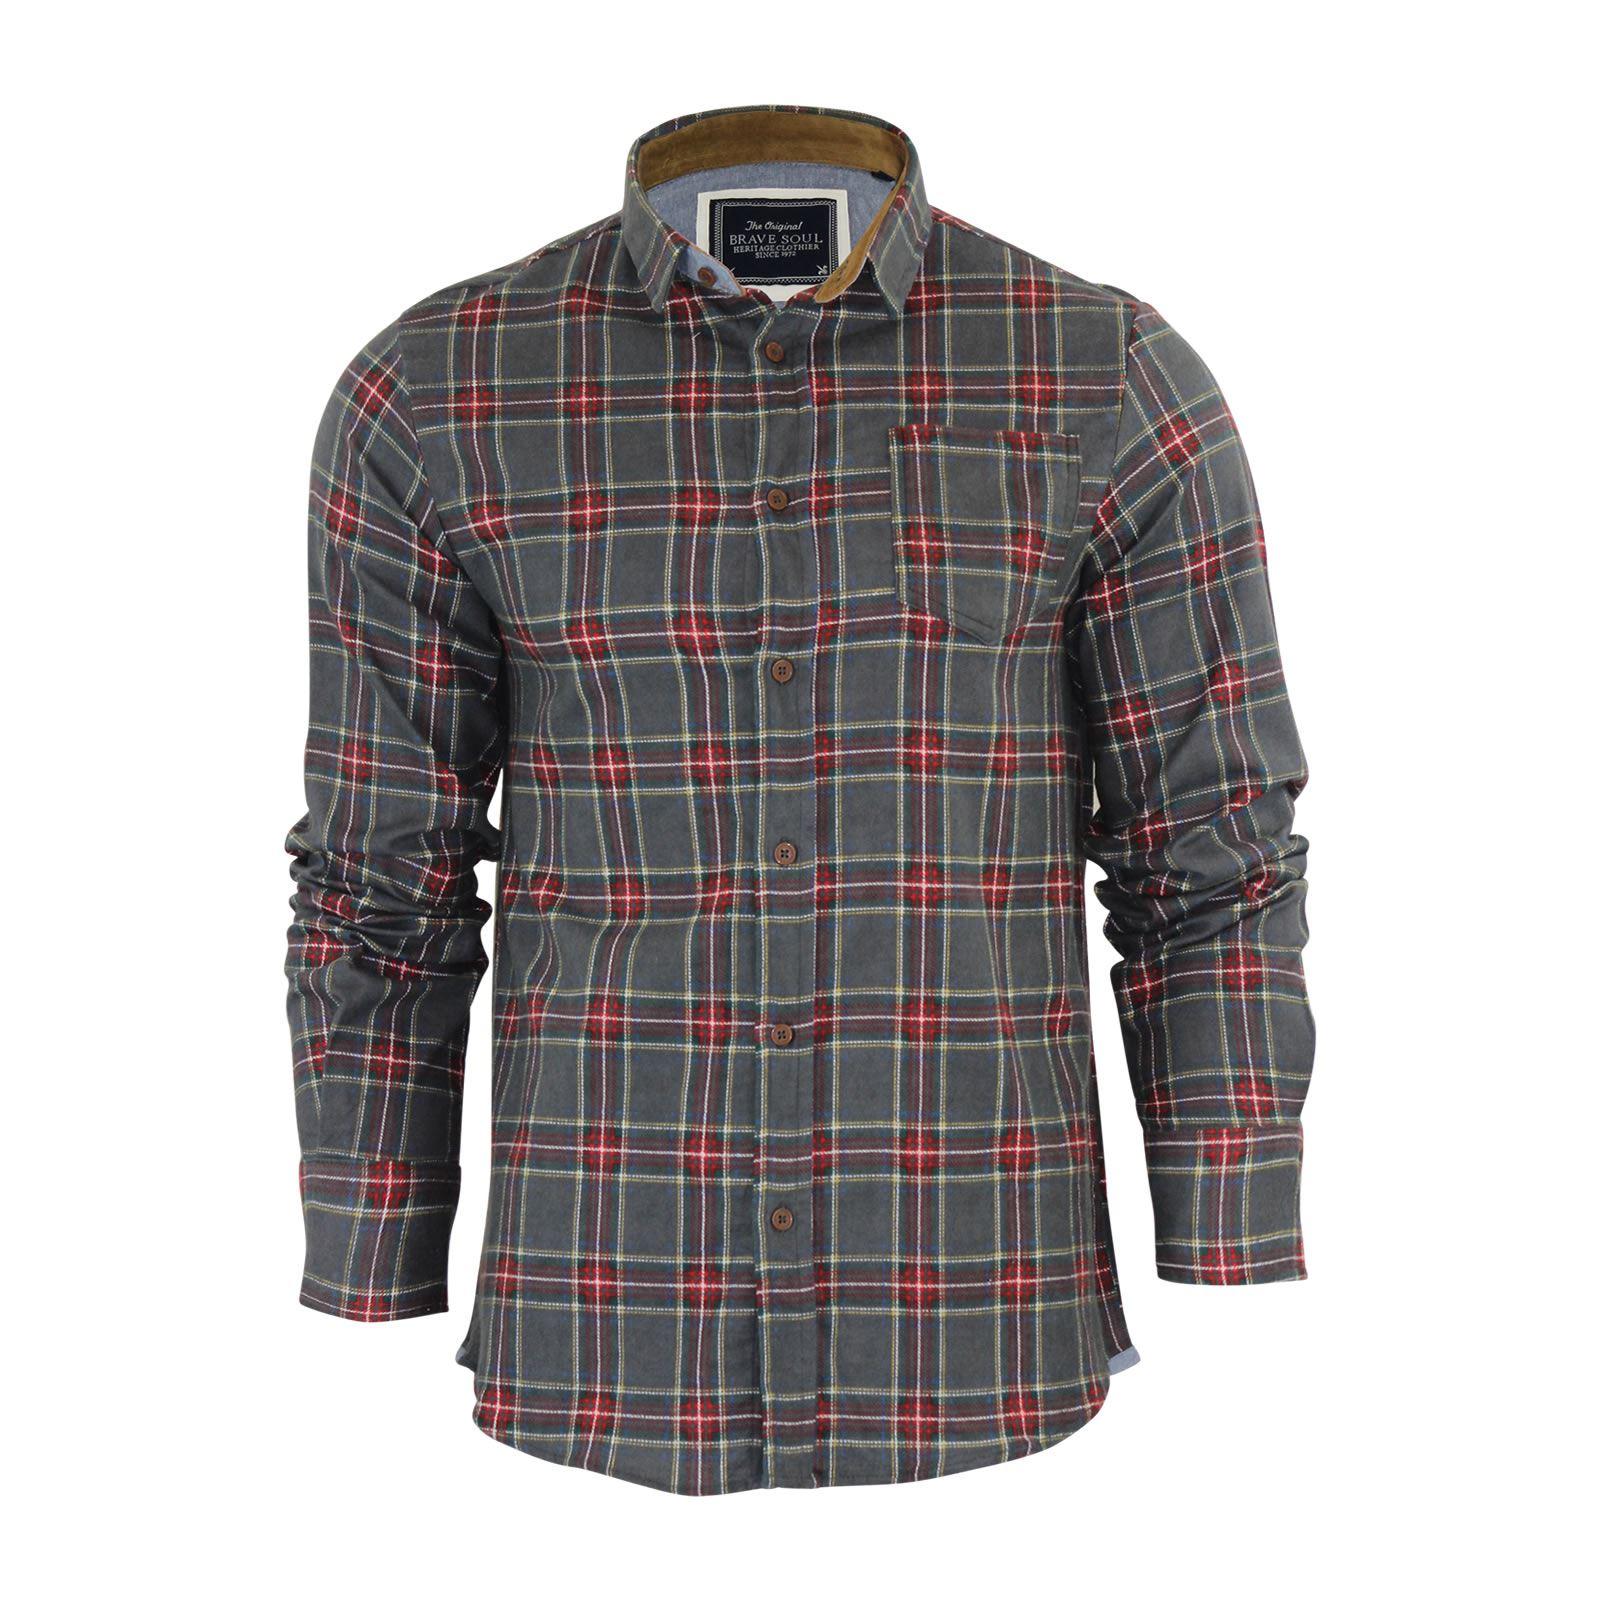 Alma-VALIENTE-HOMBRE-compruebe-Camisa-Algodon-Cepillado-De-Franela-Top-Manga-Larga-Casual miniatura 25